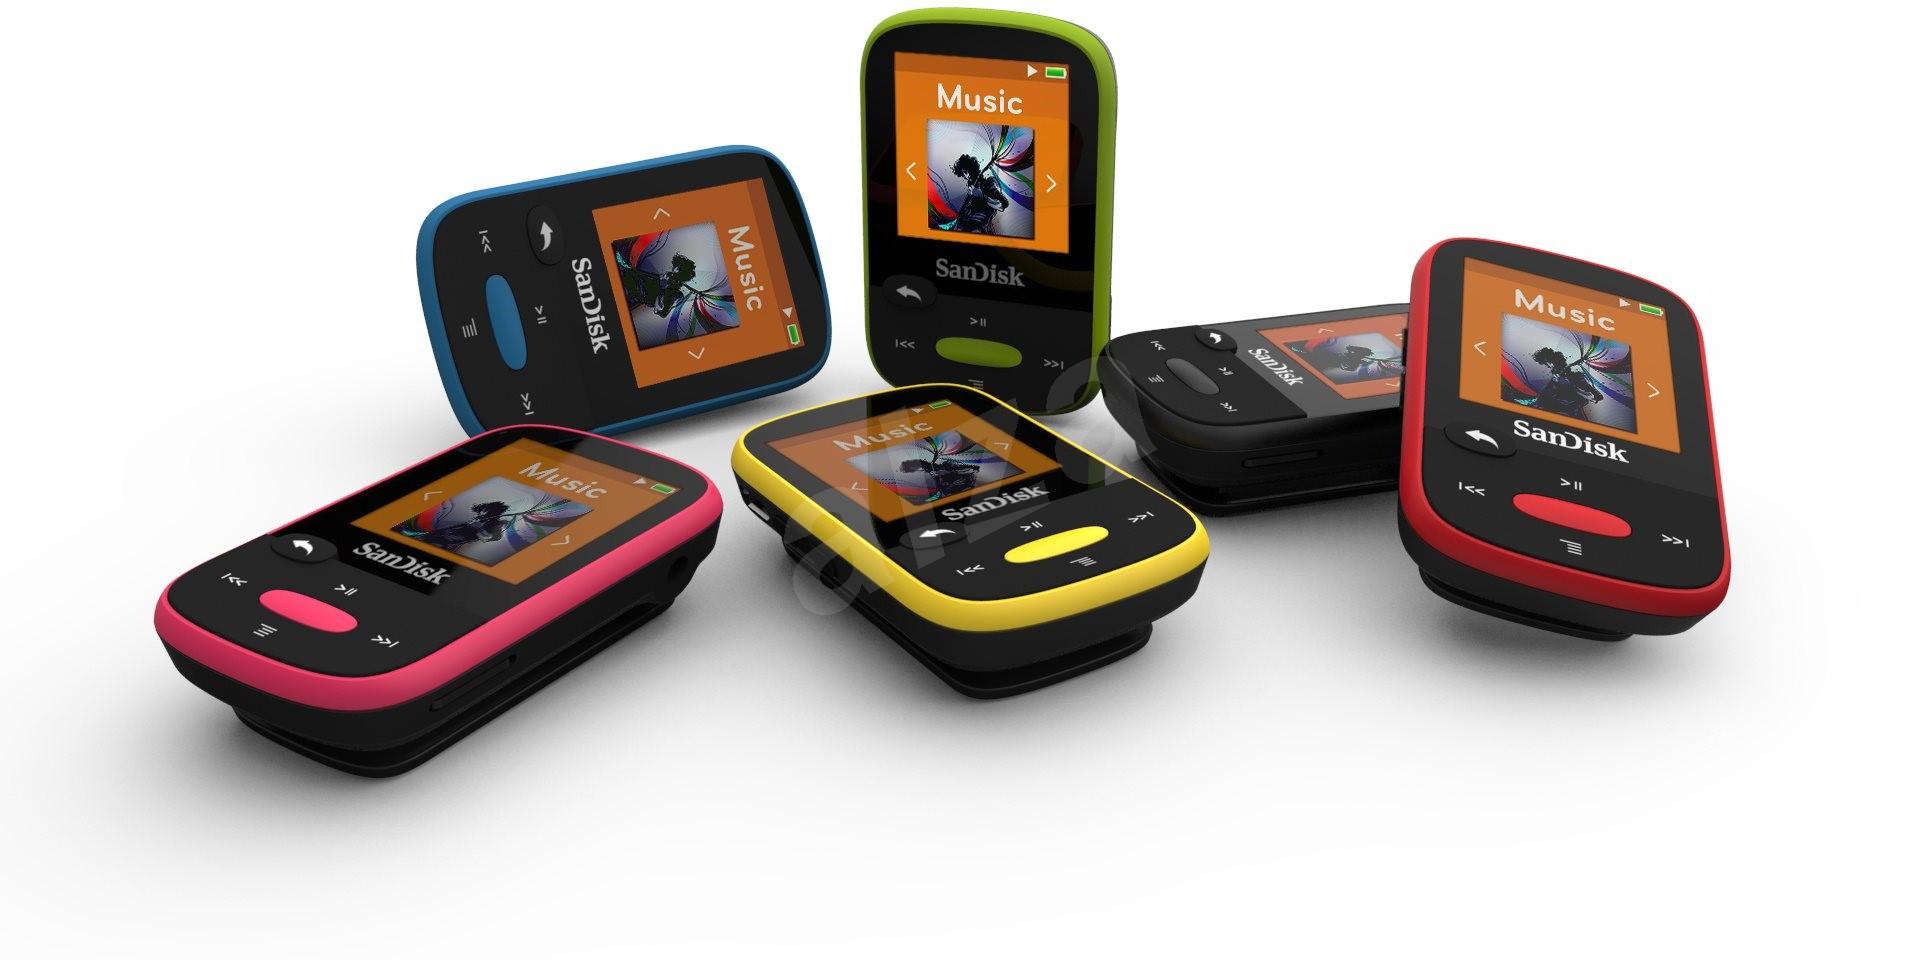 sandisk sansa clip sports 8gb blue mp3 player. Black Bedroom Furniture Sets. Home Design Ideas